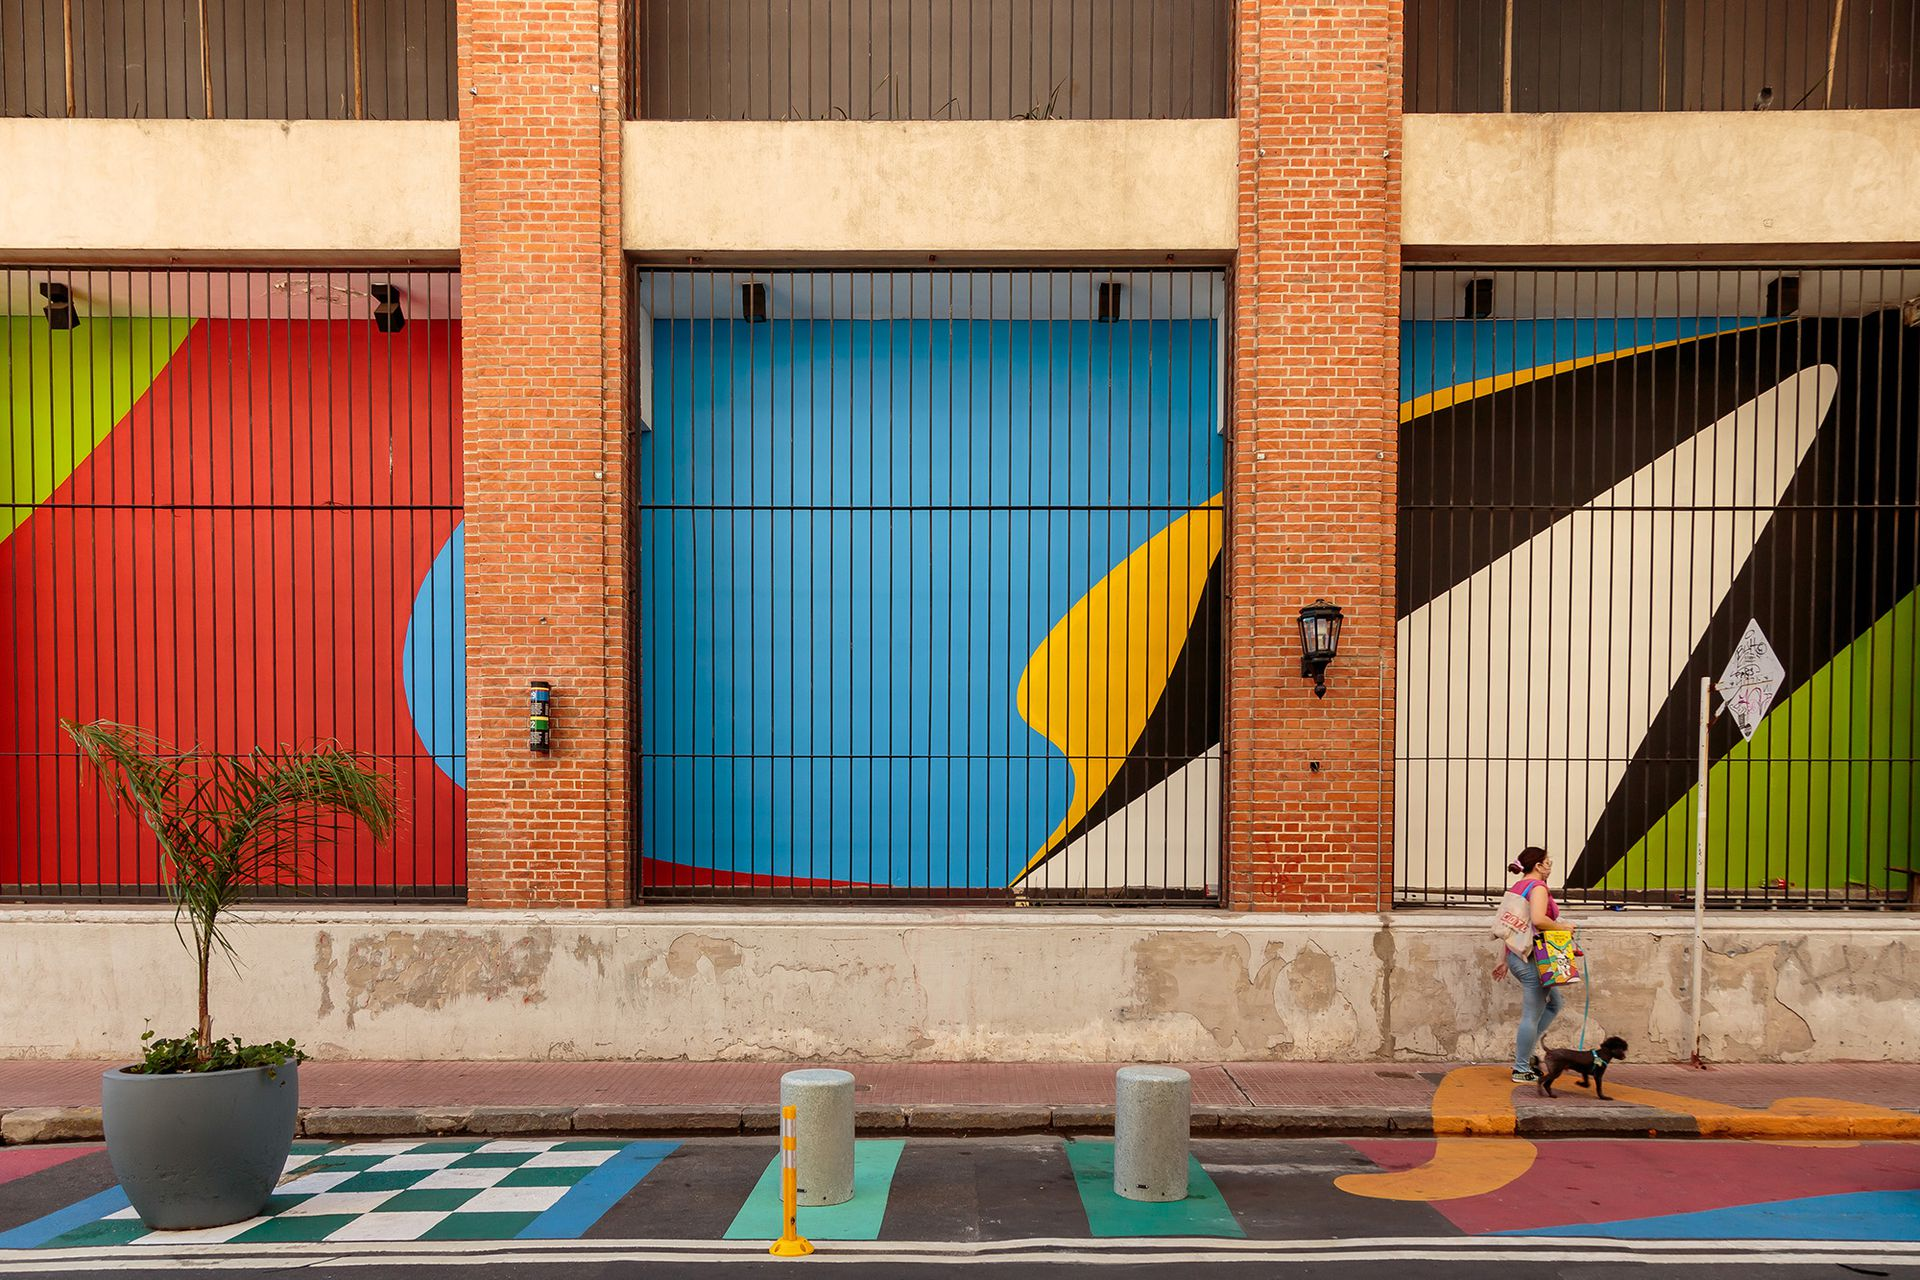 Detalle del mural de Elián Chali sobre la fachada del Moderno